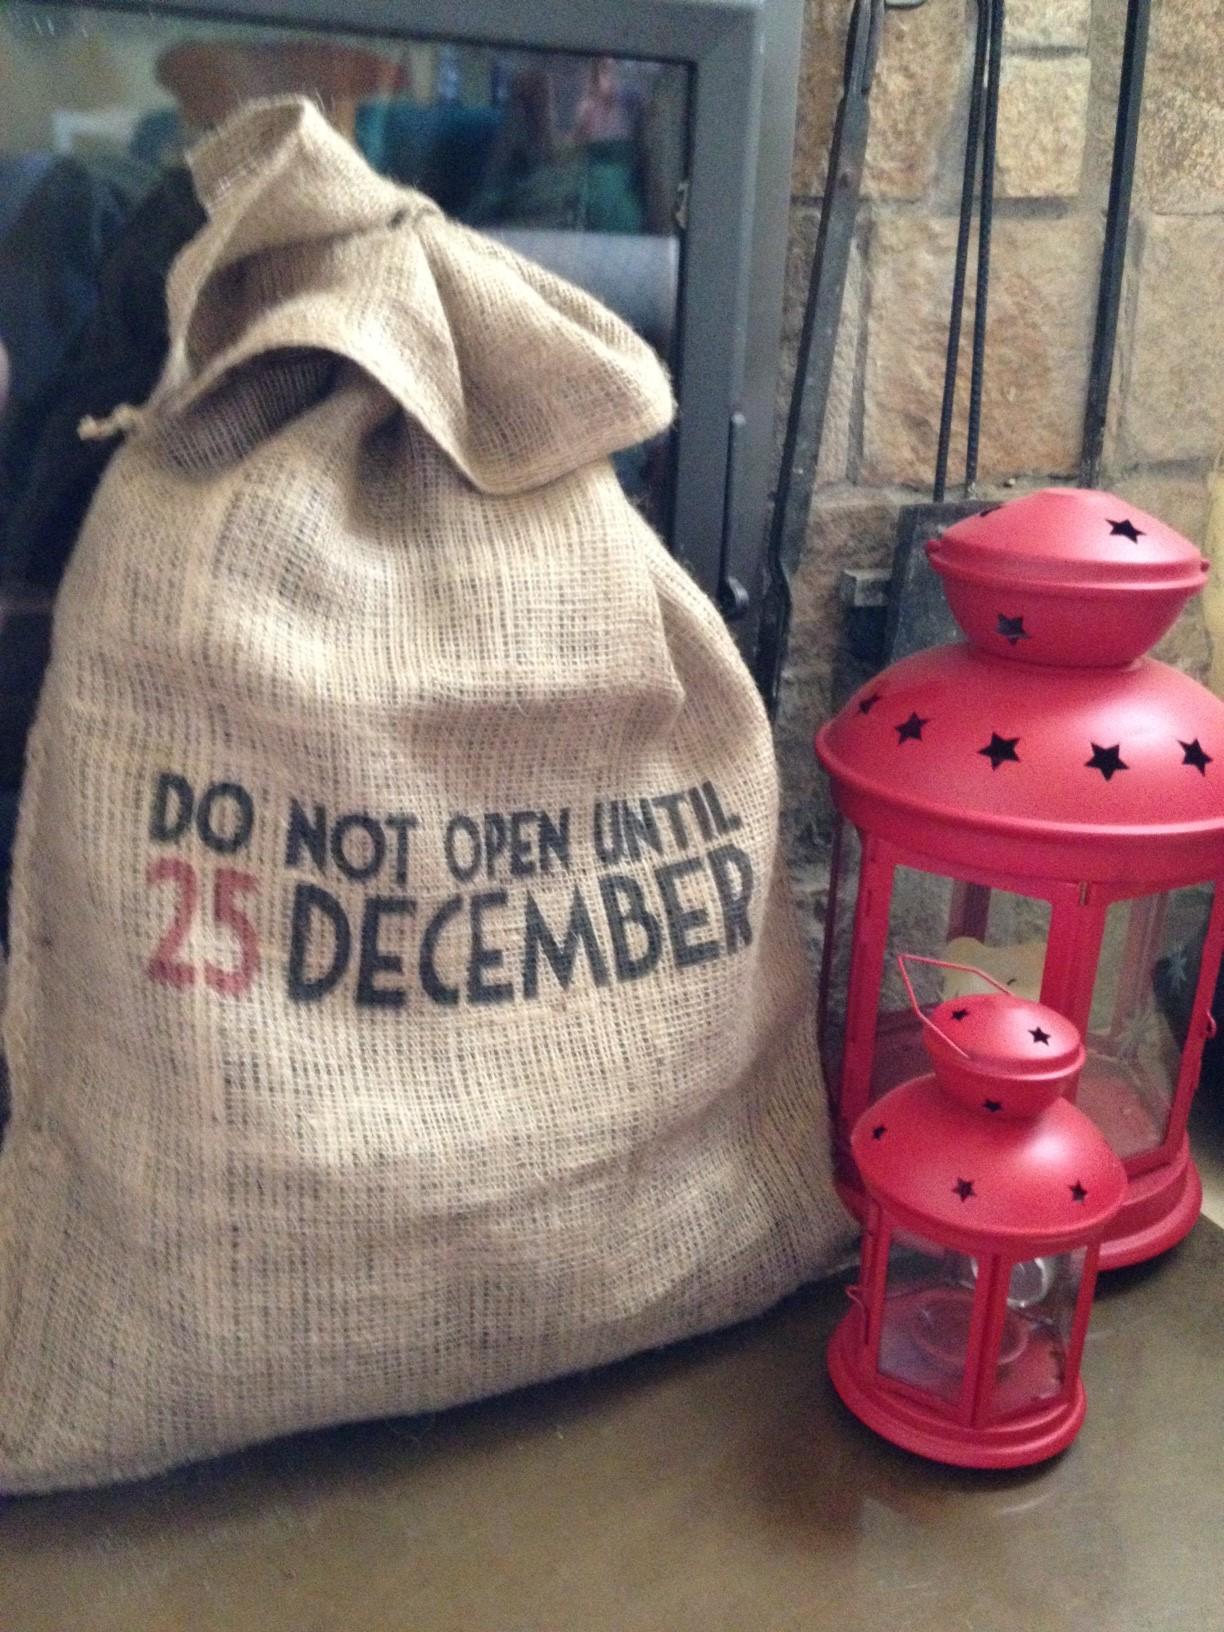 Oui Oui-saco regalos no abrir antes dia 25